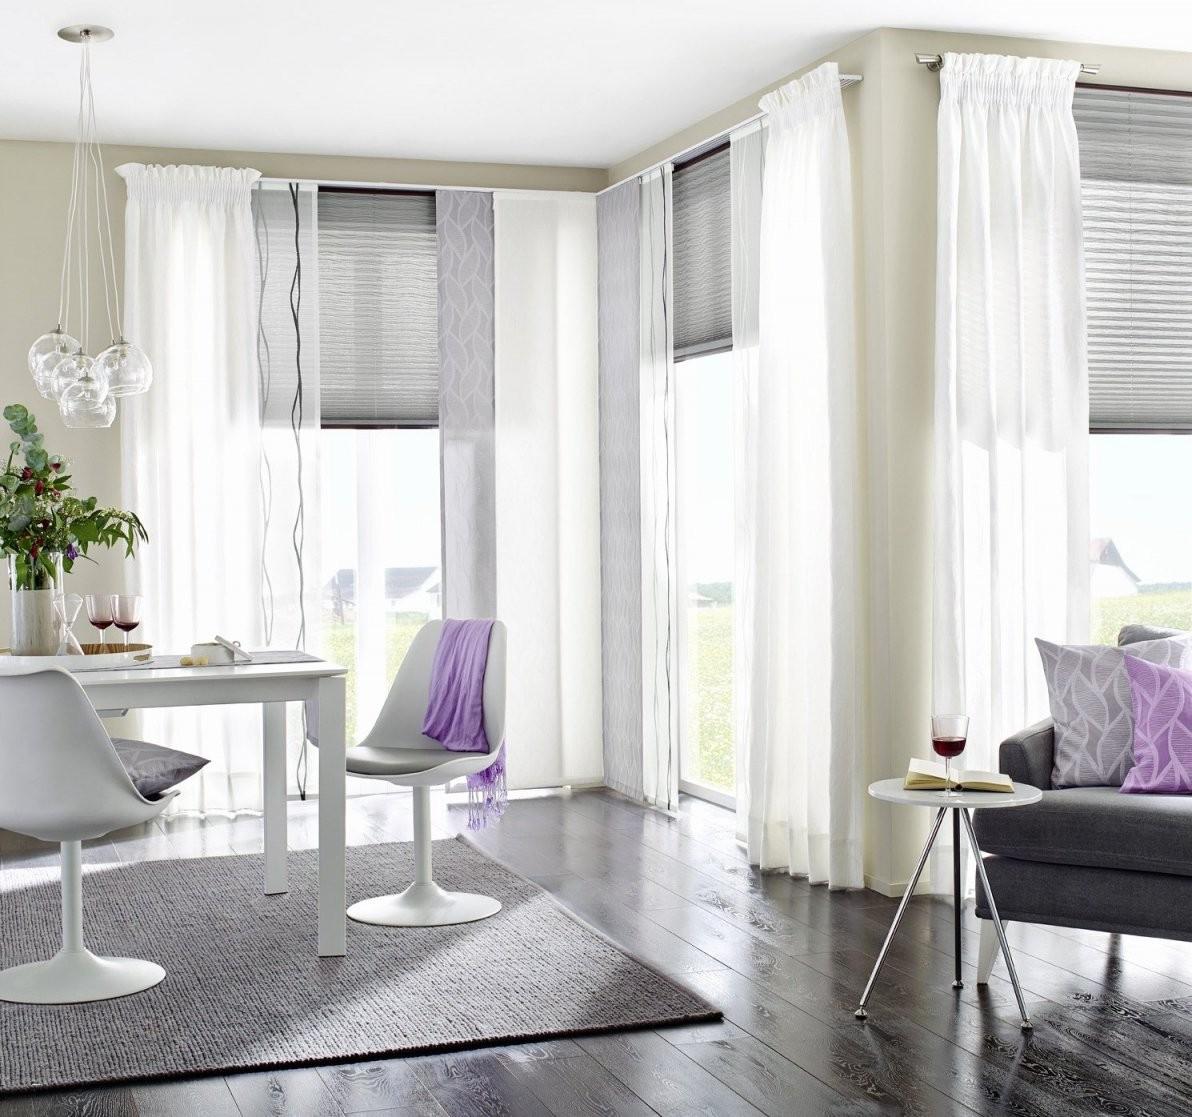 Fenstergestaltung Mit Gardinen Beispiele Schön 48 Das Beste Von von Fenstergestaltung Mit Gardinen Beispiele Photo